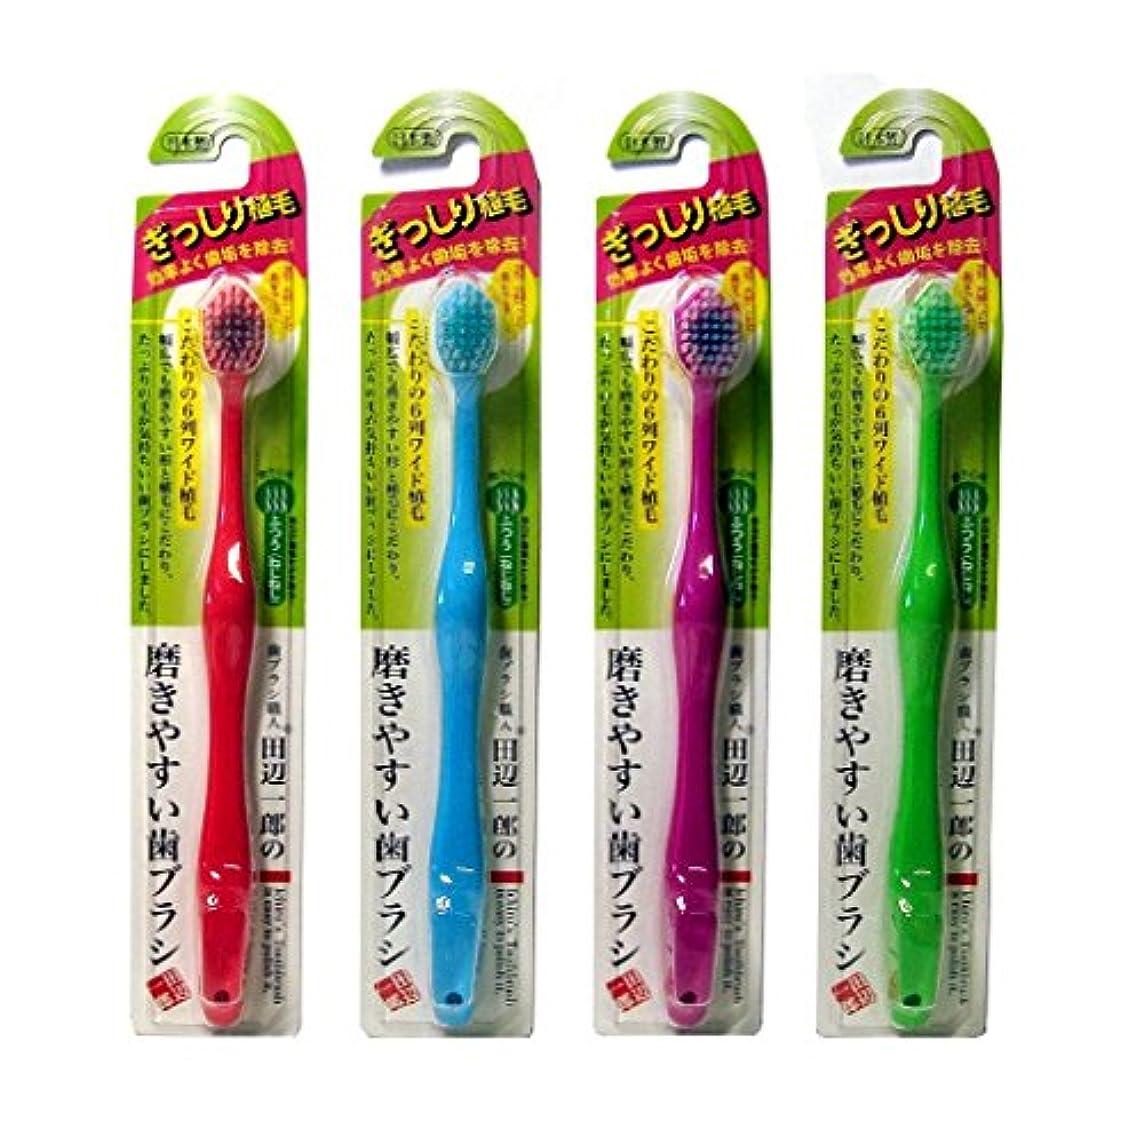 サバント特許蓄積するライフレンジ 田辺一郎の磨きやすい歯ブラシ 6列ワイドタイプ ふつう(ねじねじ) LT-31 4本セット(レッド?ブルー?パープル?グリーン)